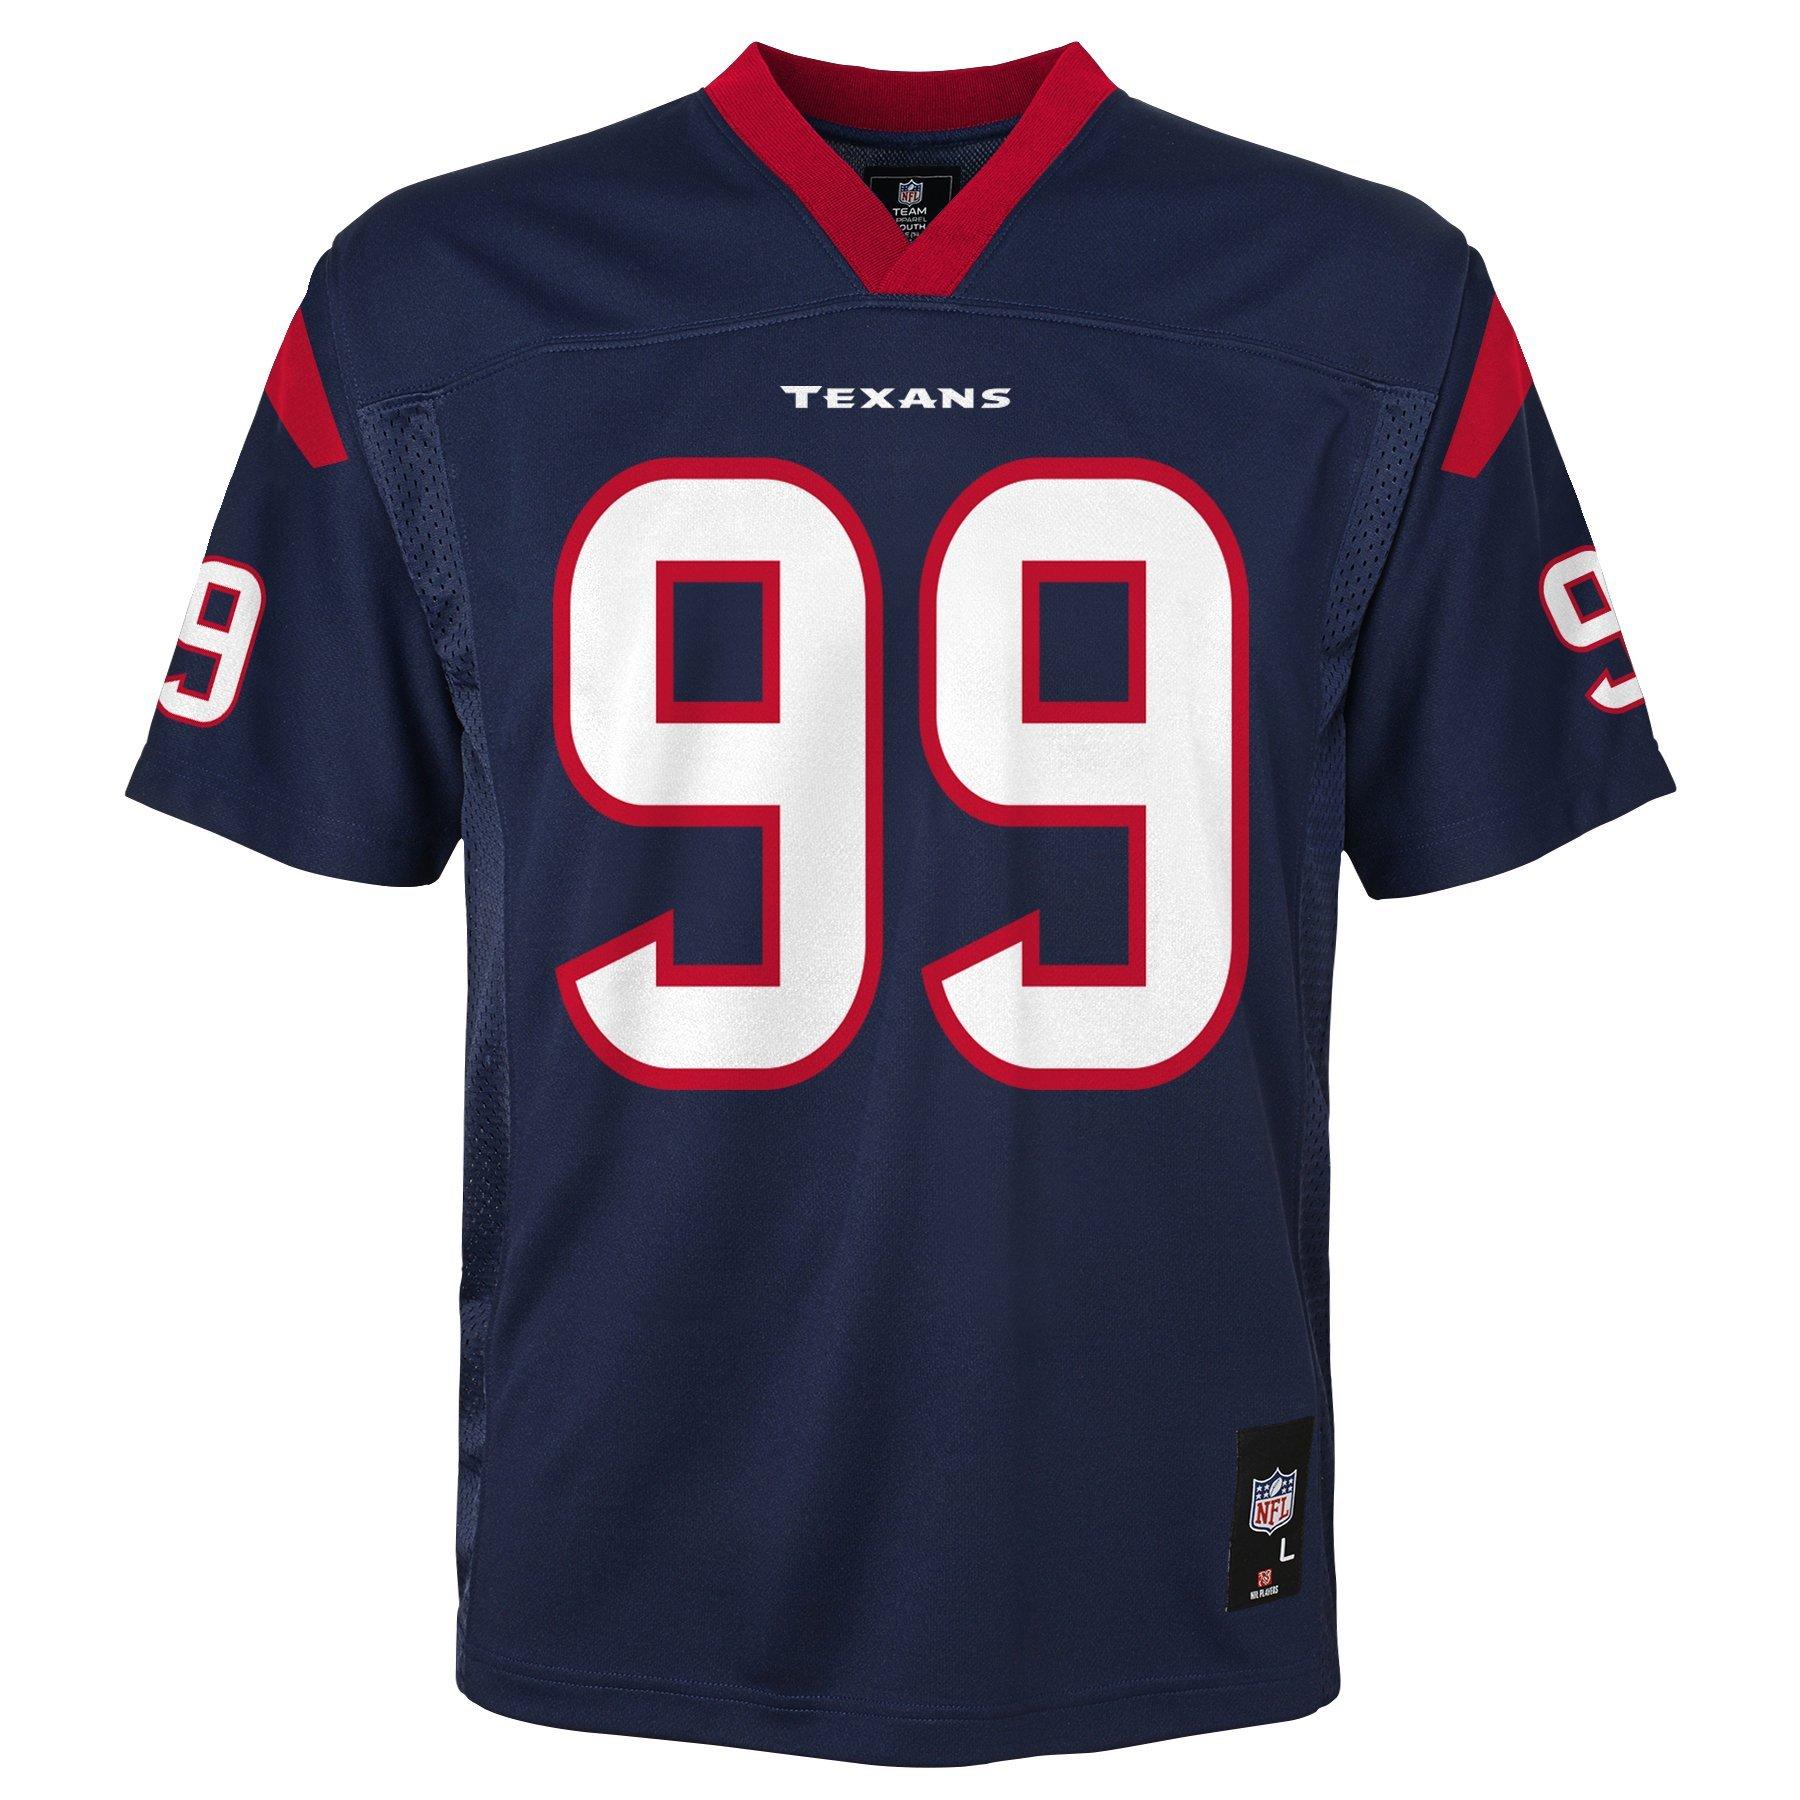 d45d23c3 NFL Youth Boys 8-20 J. J. Watt Houston Texans Boys -Player Name Jersey,  Deep Obsidian, M(10-12)